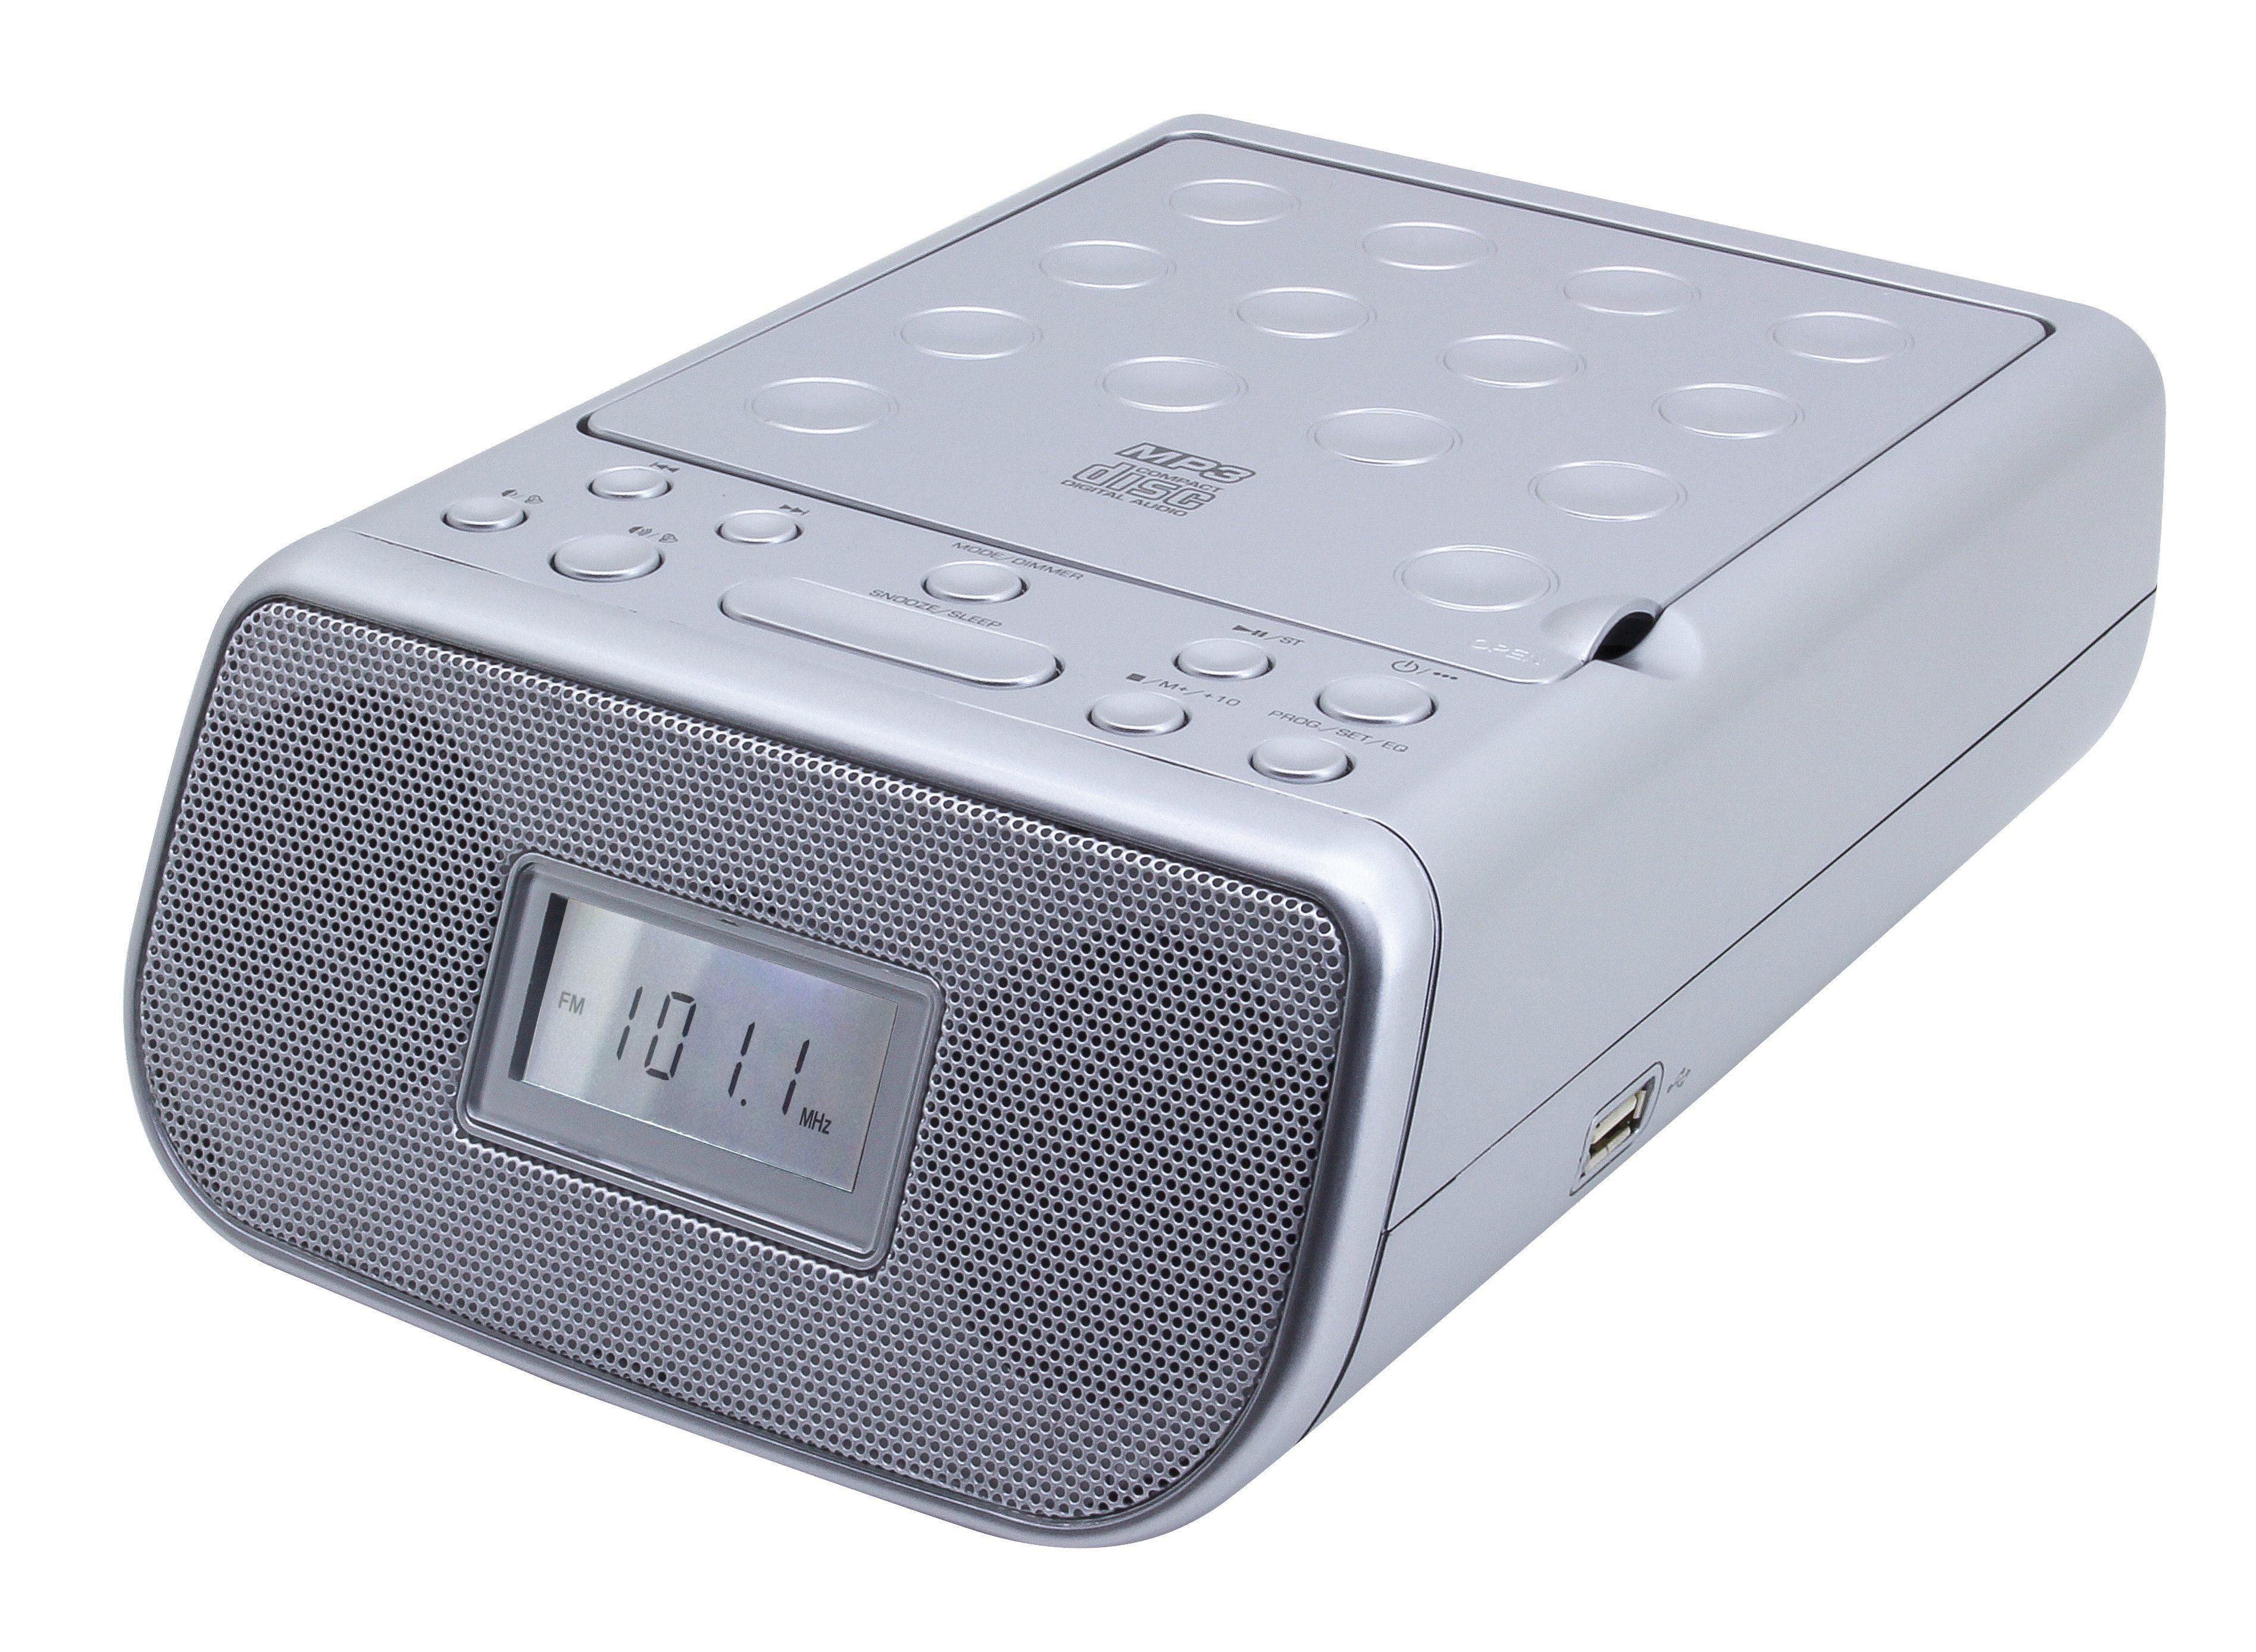 soundmaster cd radio urd860si auf rechnung kaufen. Black Bedroom Furniture Sets. Home Design Ideas